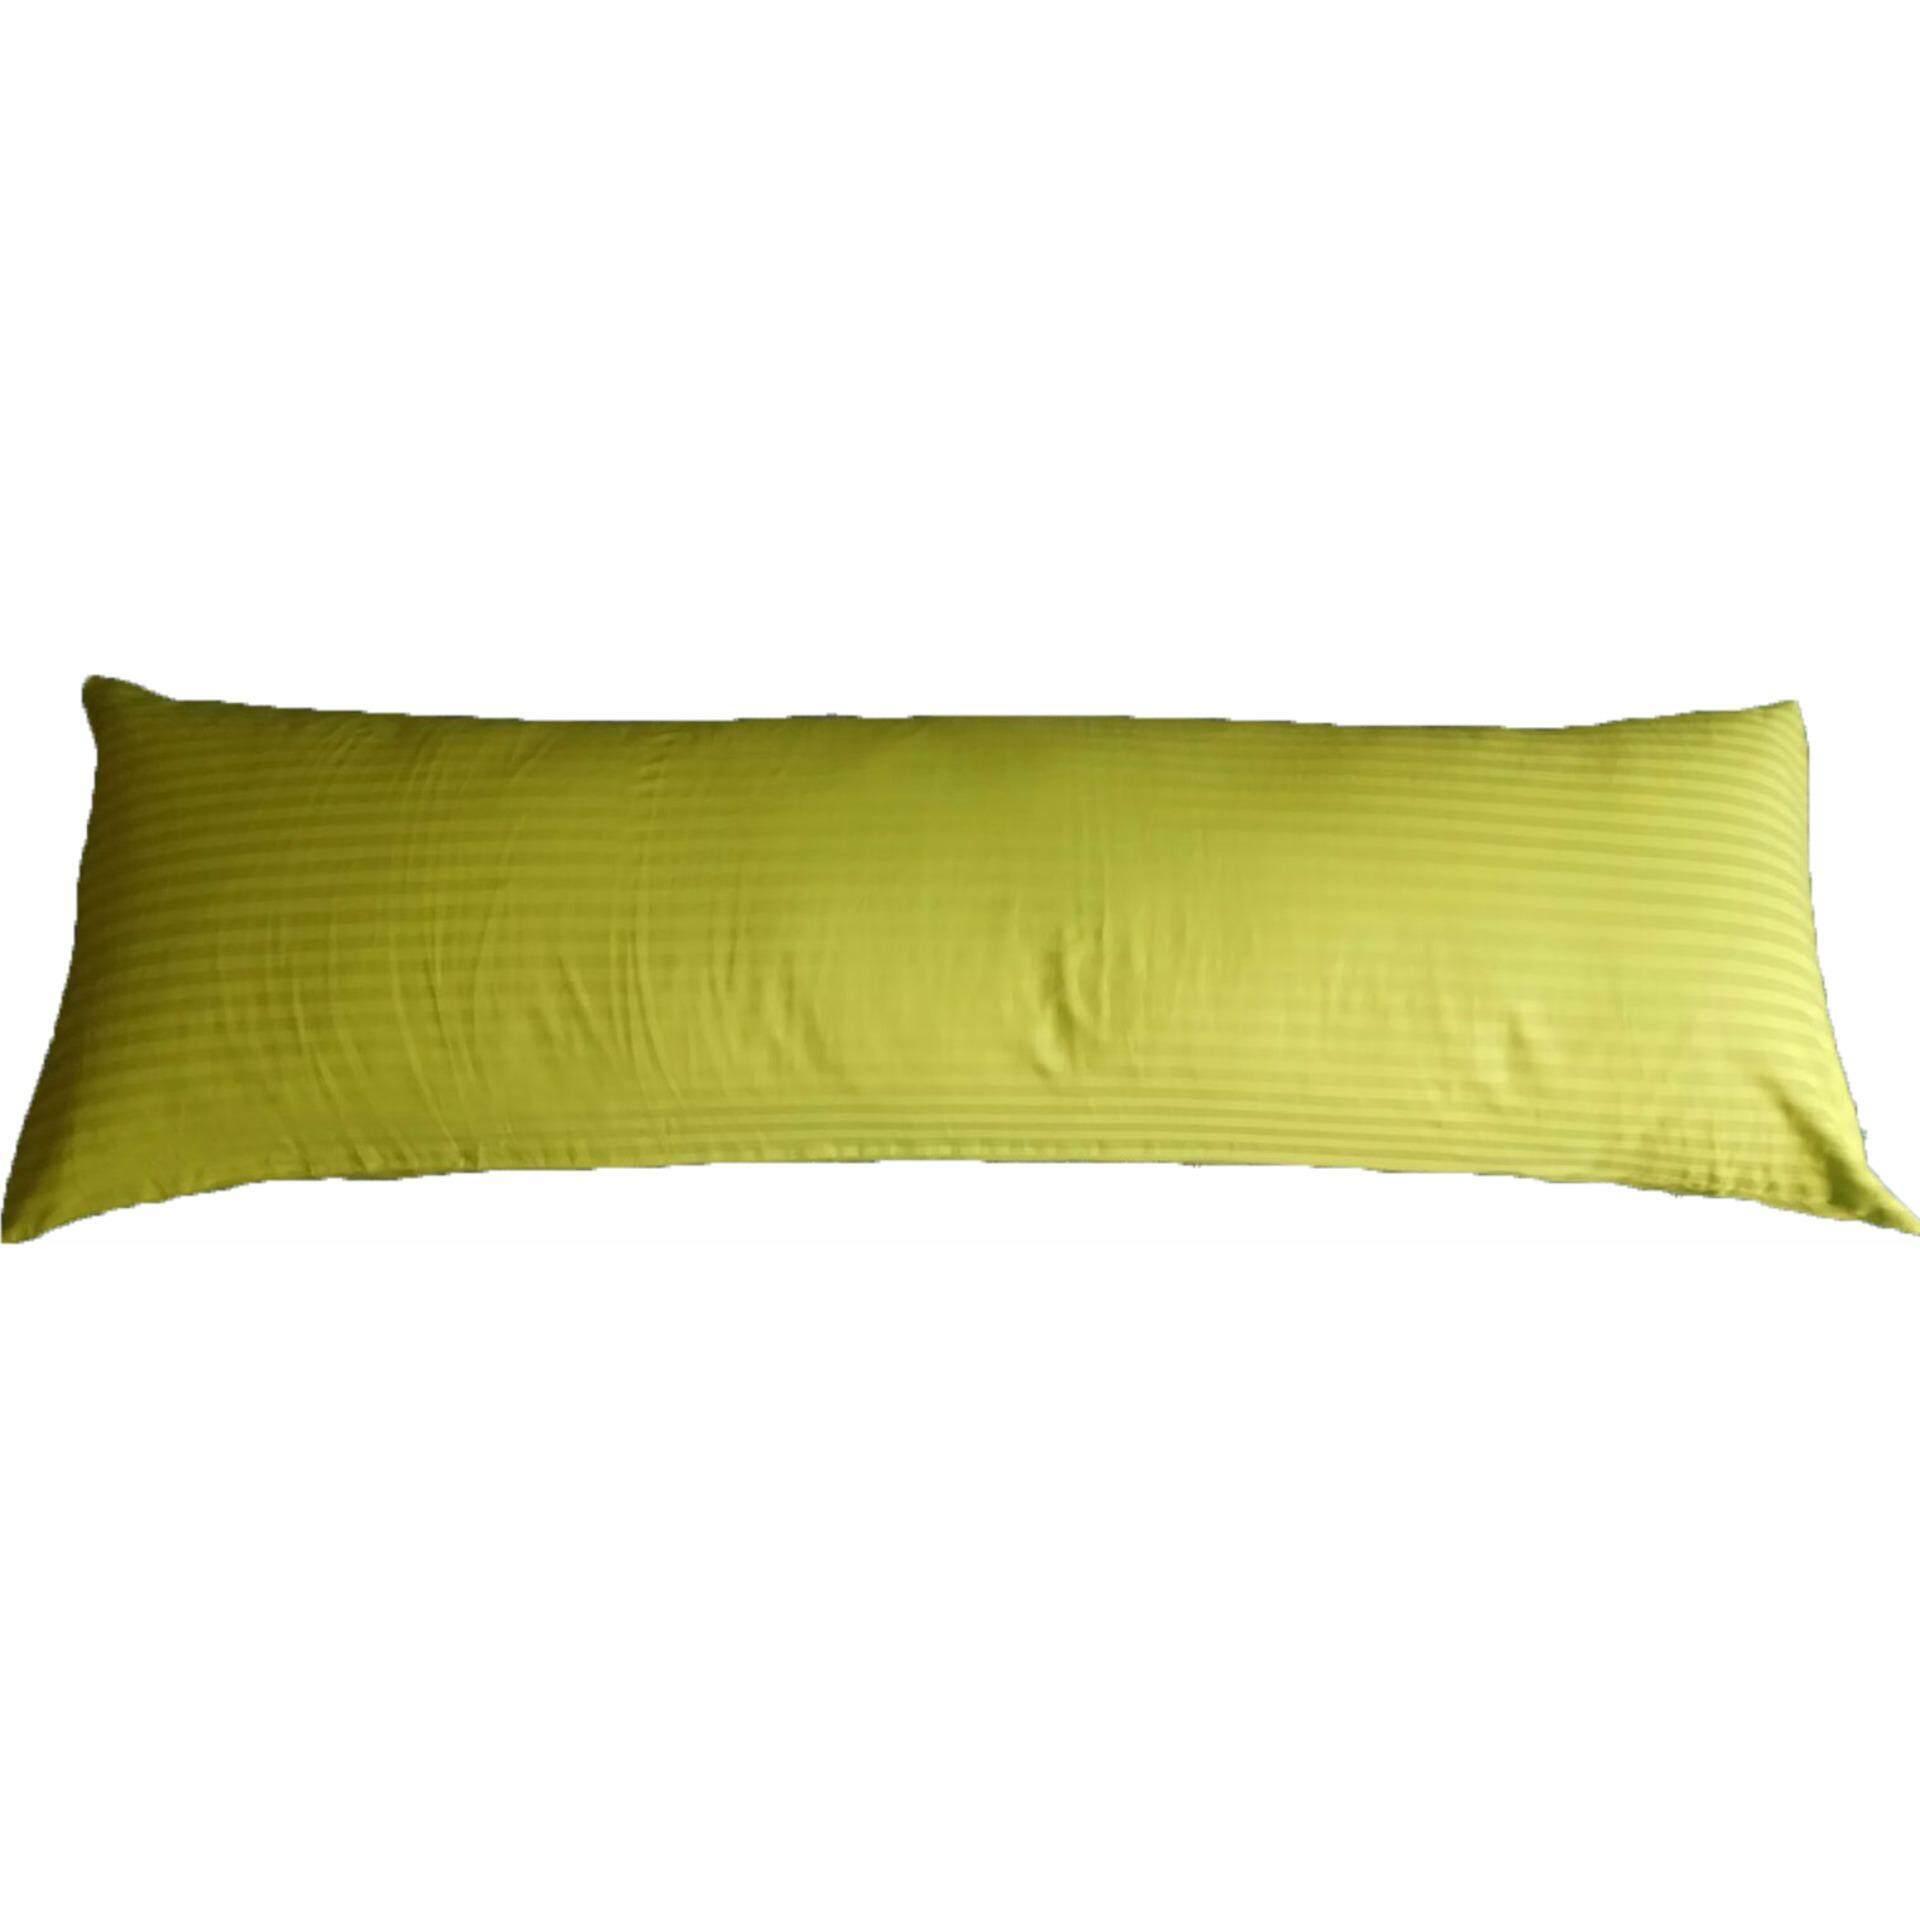 Ladubee premium Body Pillow Cover (Green Satin Stripes)